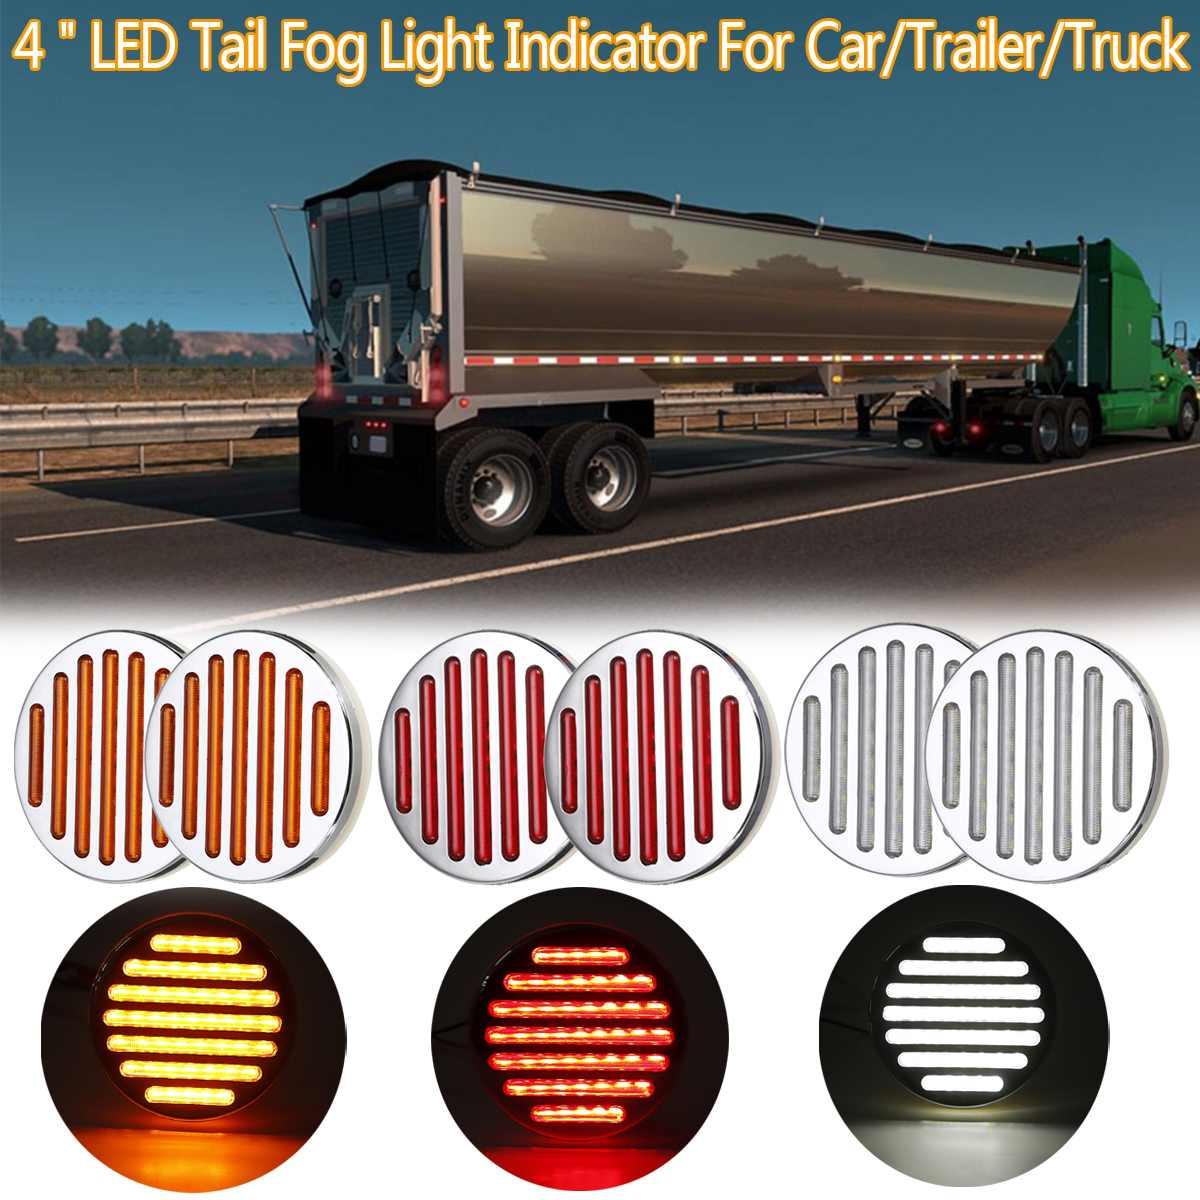 6 pièces universel 4 pouces DC 12V étanche Durable voiture camion LED arrière feu arrière feux d'avertissement indicateur de lumière de brouillard pour voiture remorque